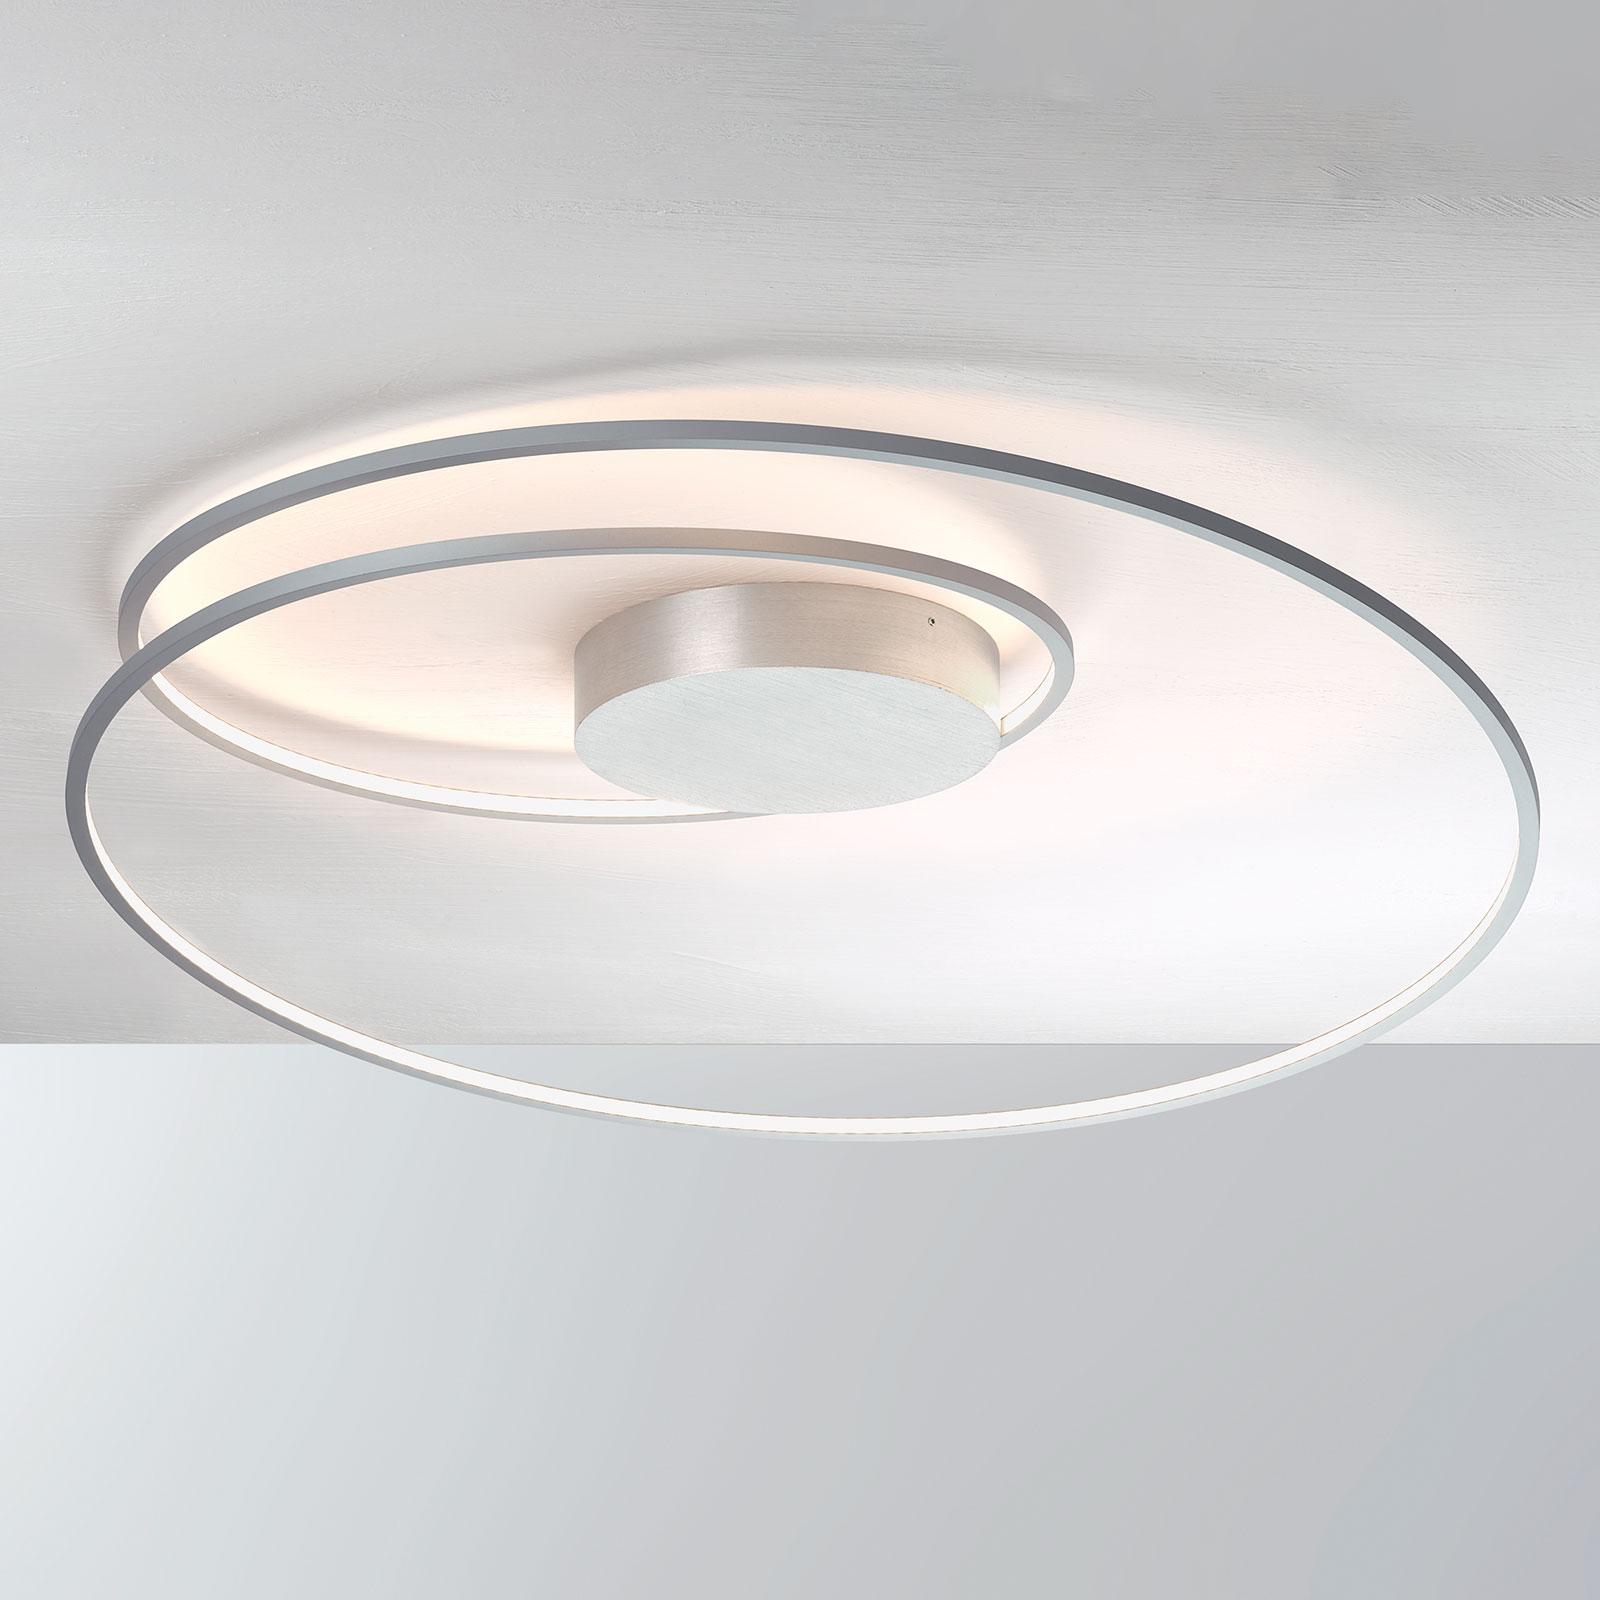 Bopp At LED-Deckenleuchte aluminium 70cm